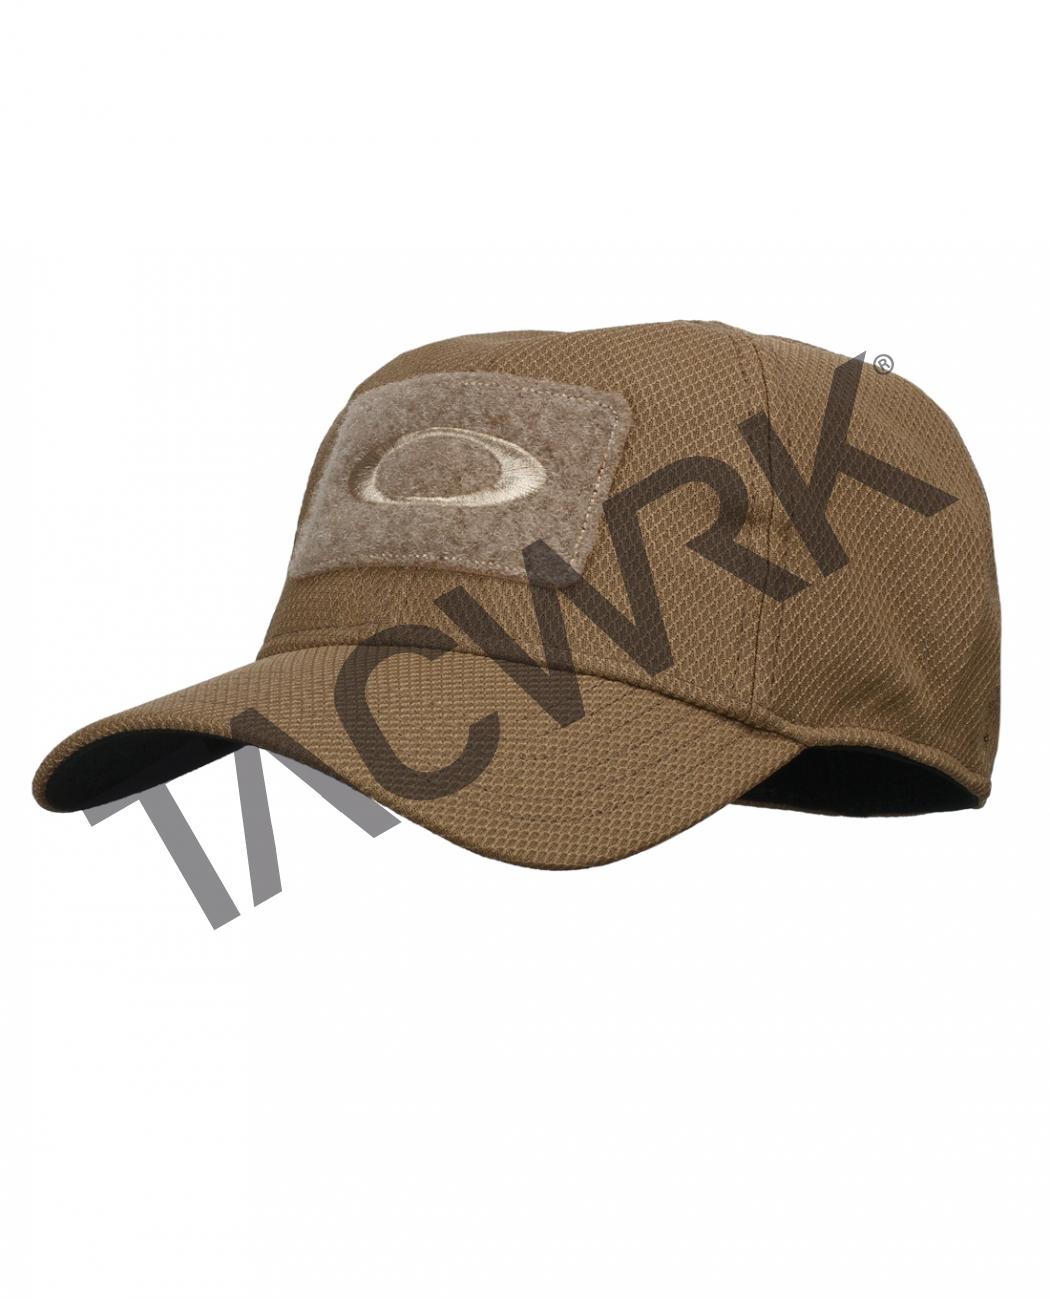 430a9c22eb7 buy condor tactical cap graphite d3c0e 4dd27  switzerland oakley si cap  coyote tacwrk 0d0f3 528a6